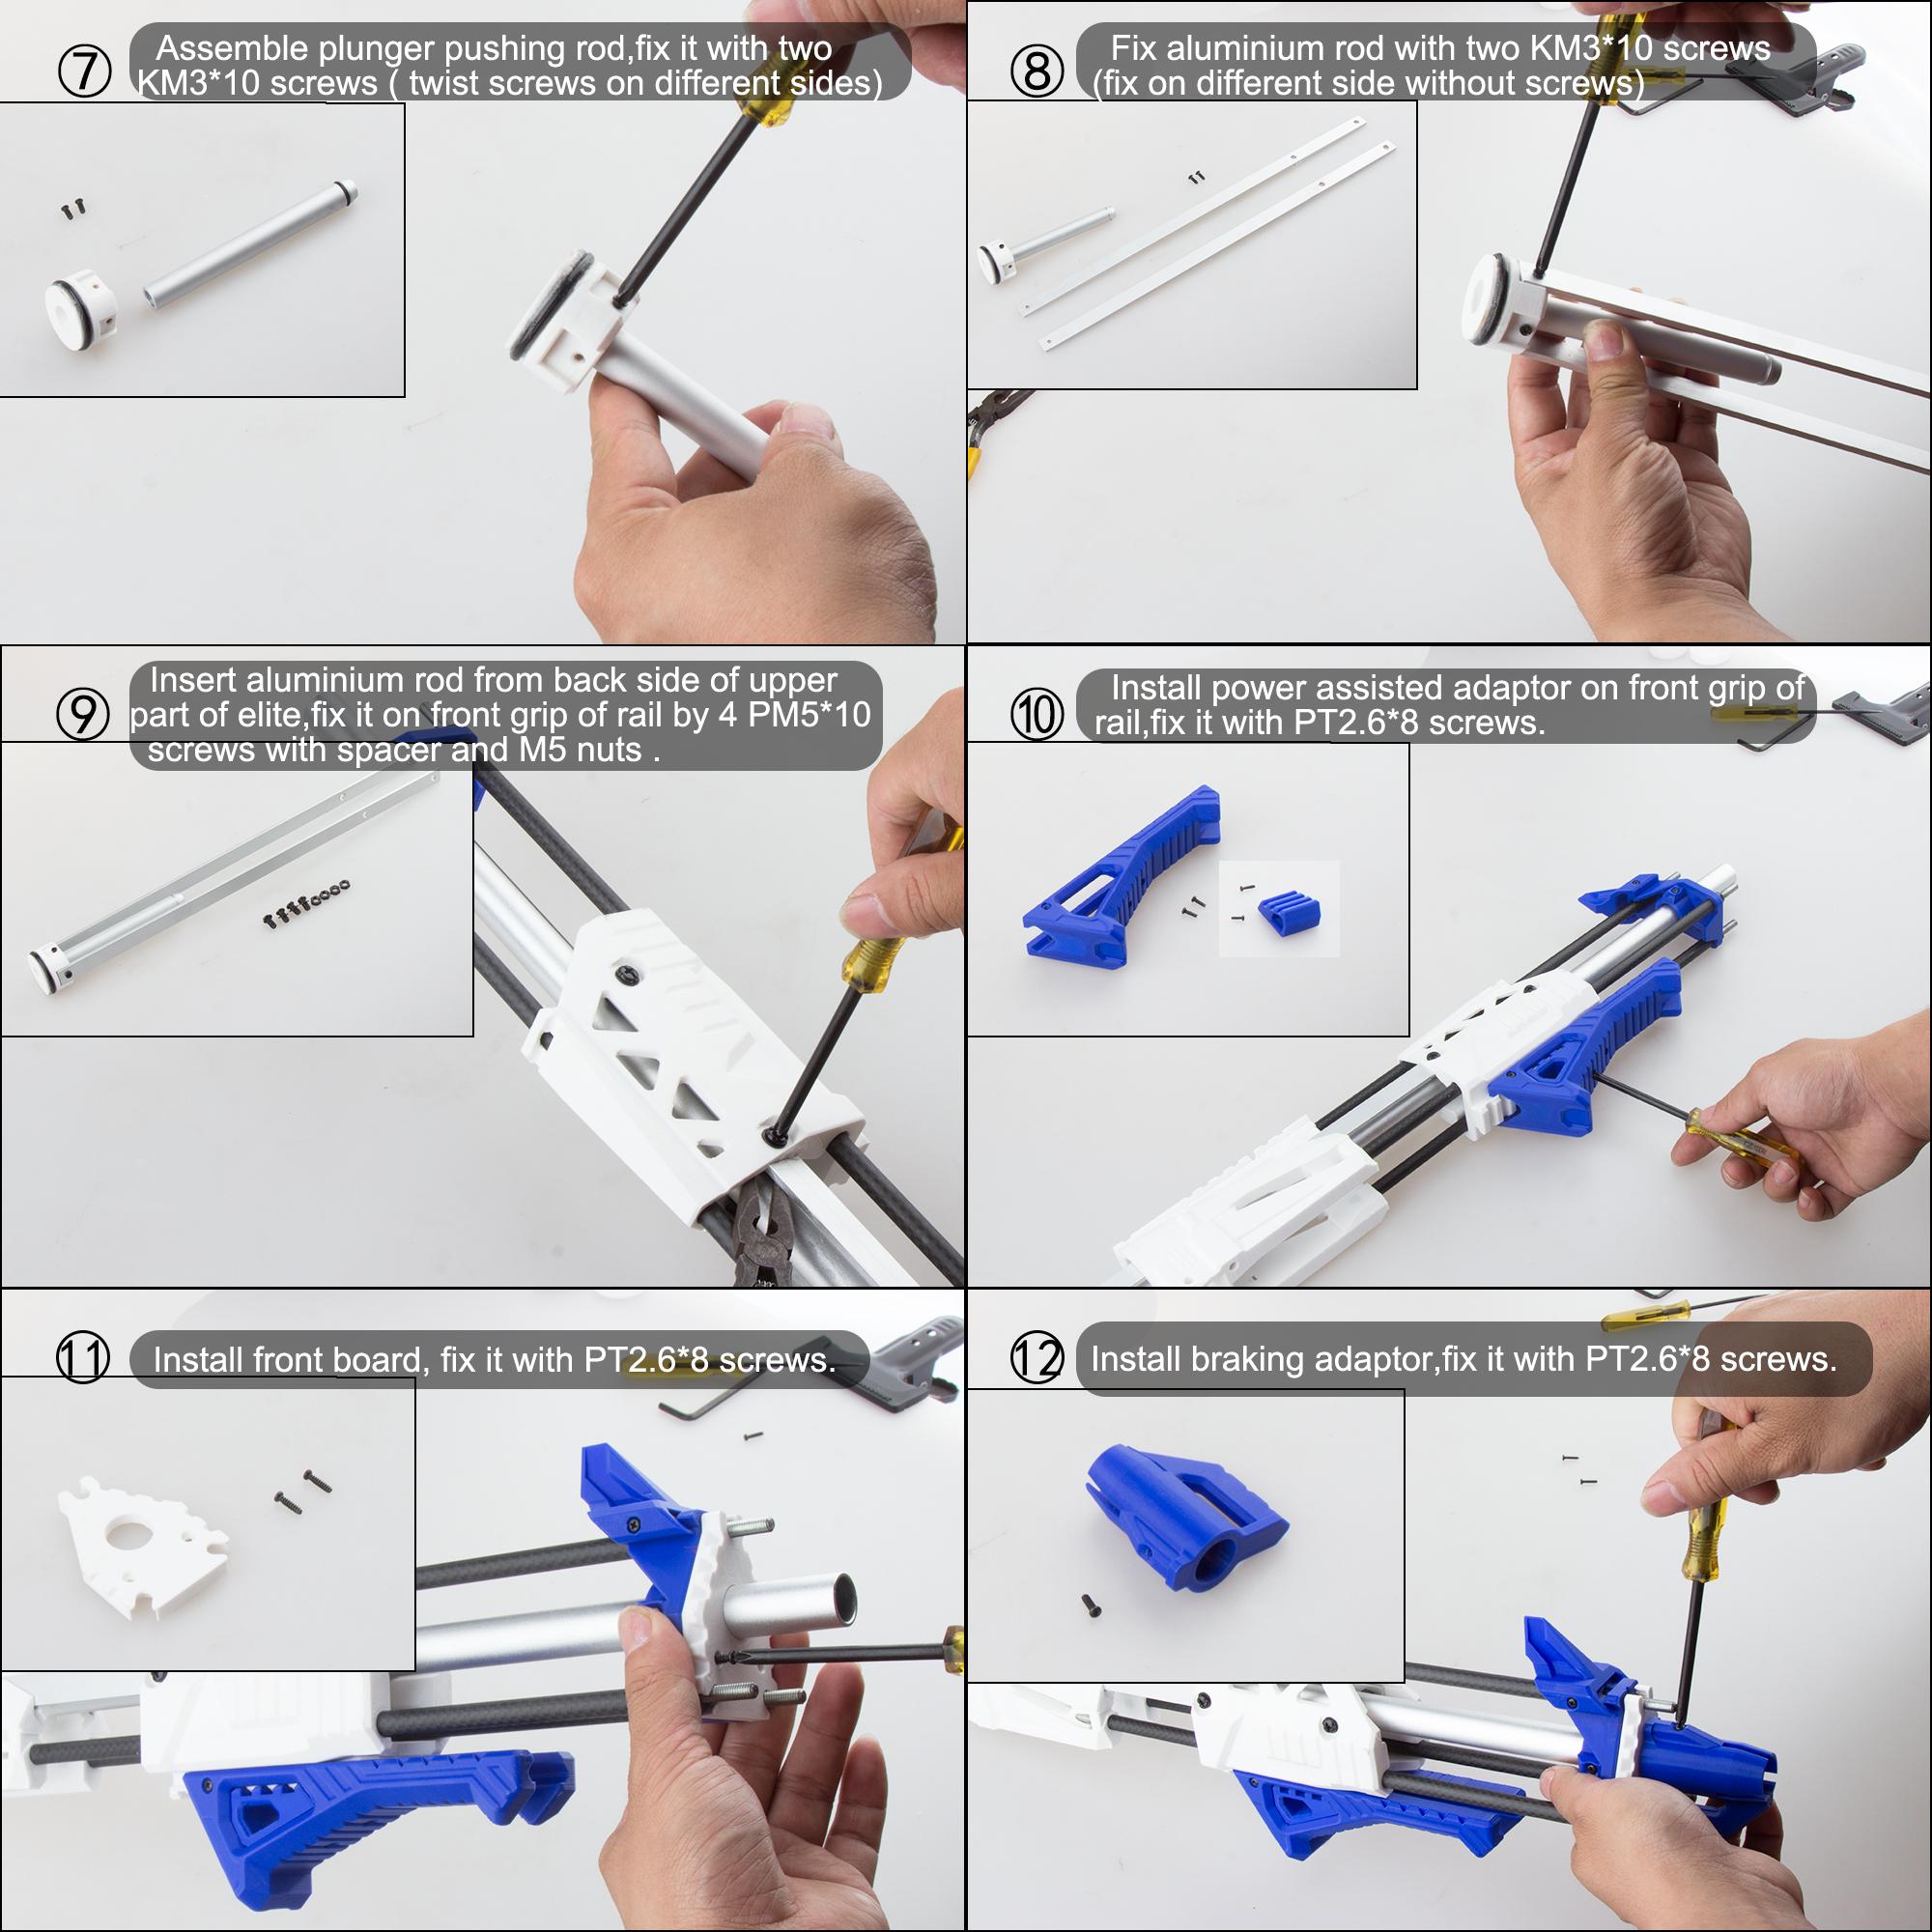 Worker Caliburn 3D Printed Nerf Blaster Kit v1.1 assembly 2